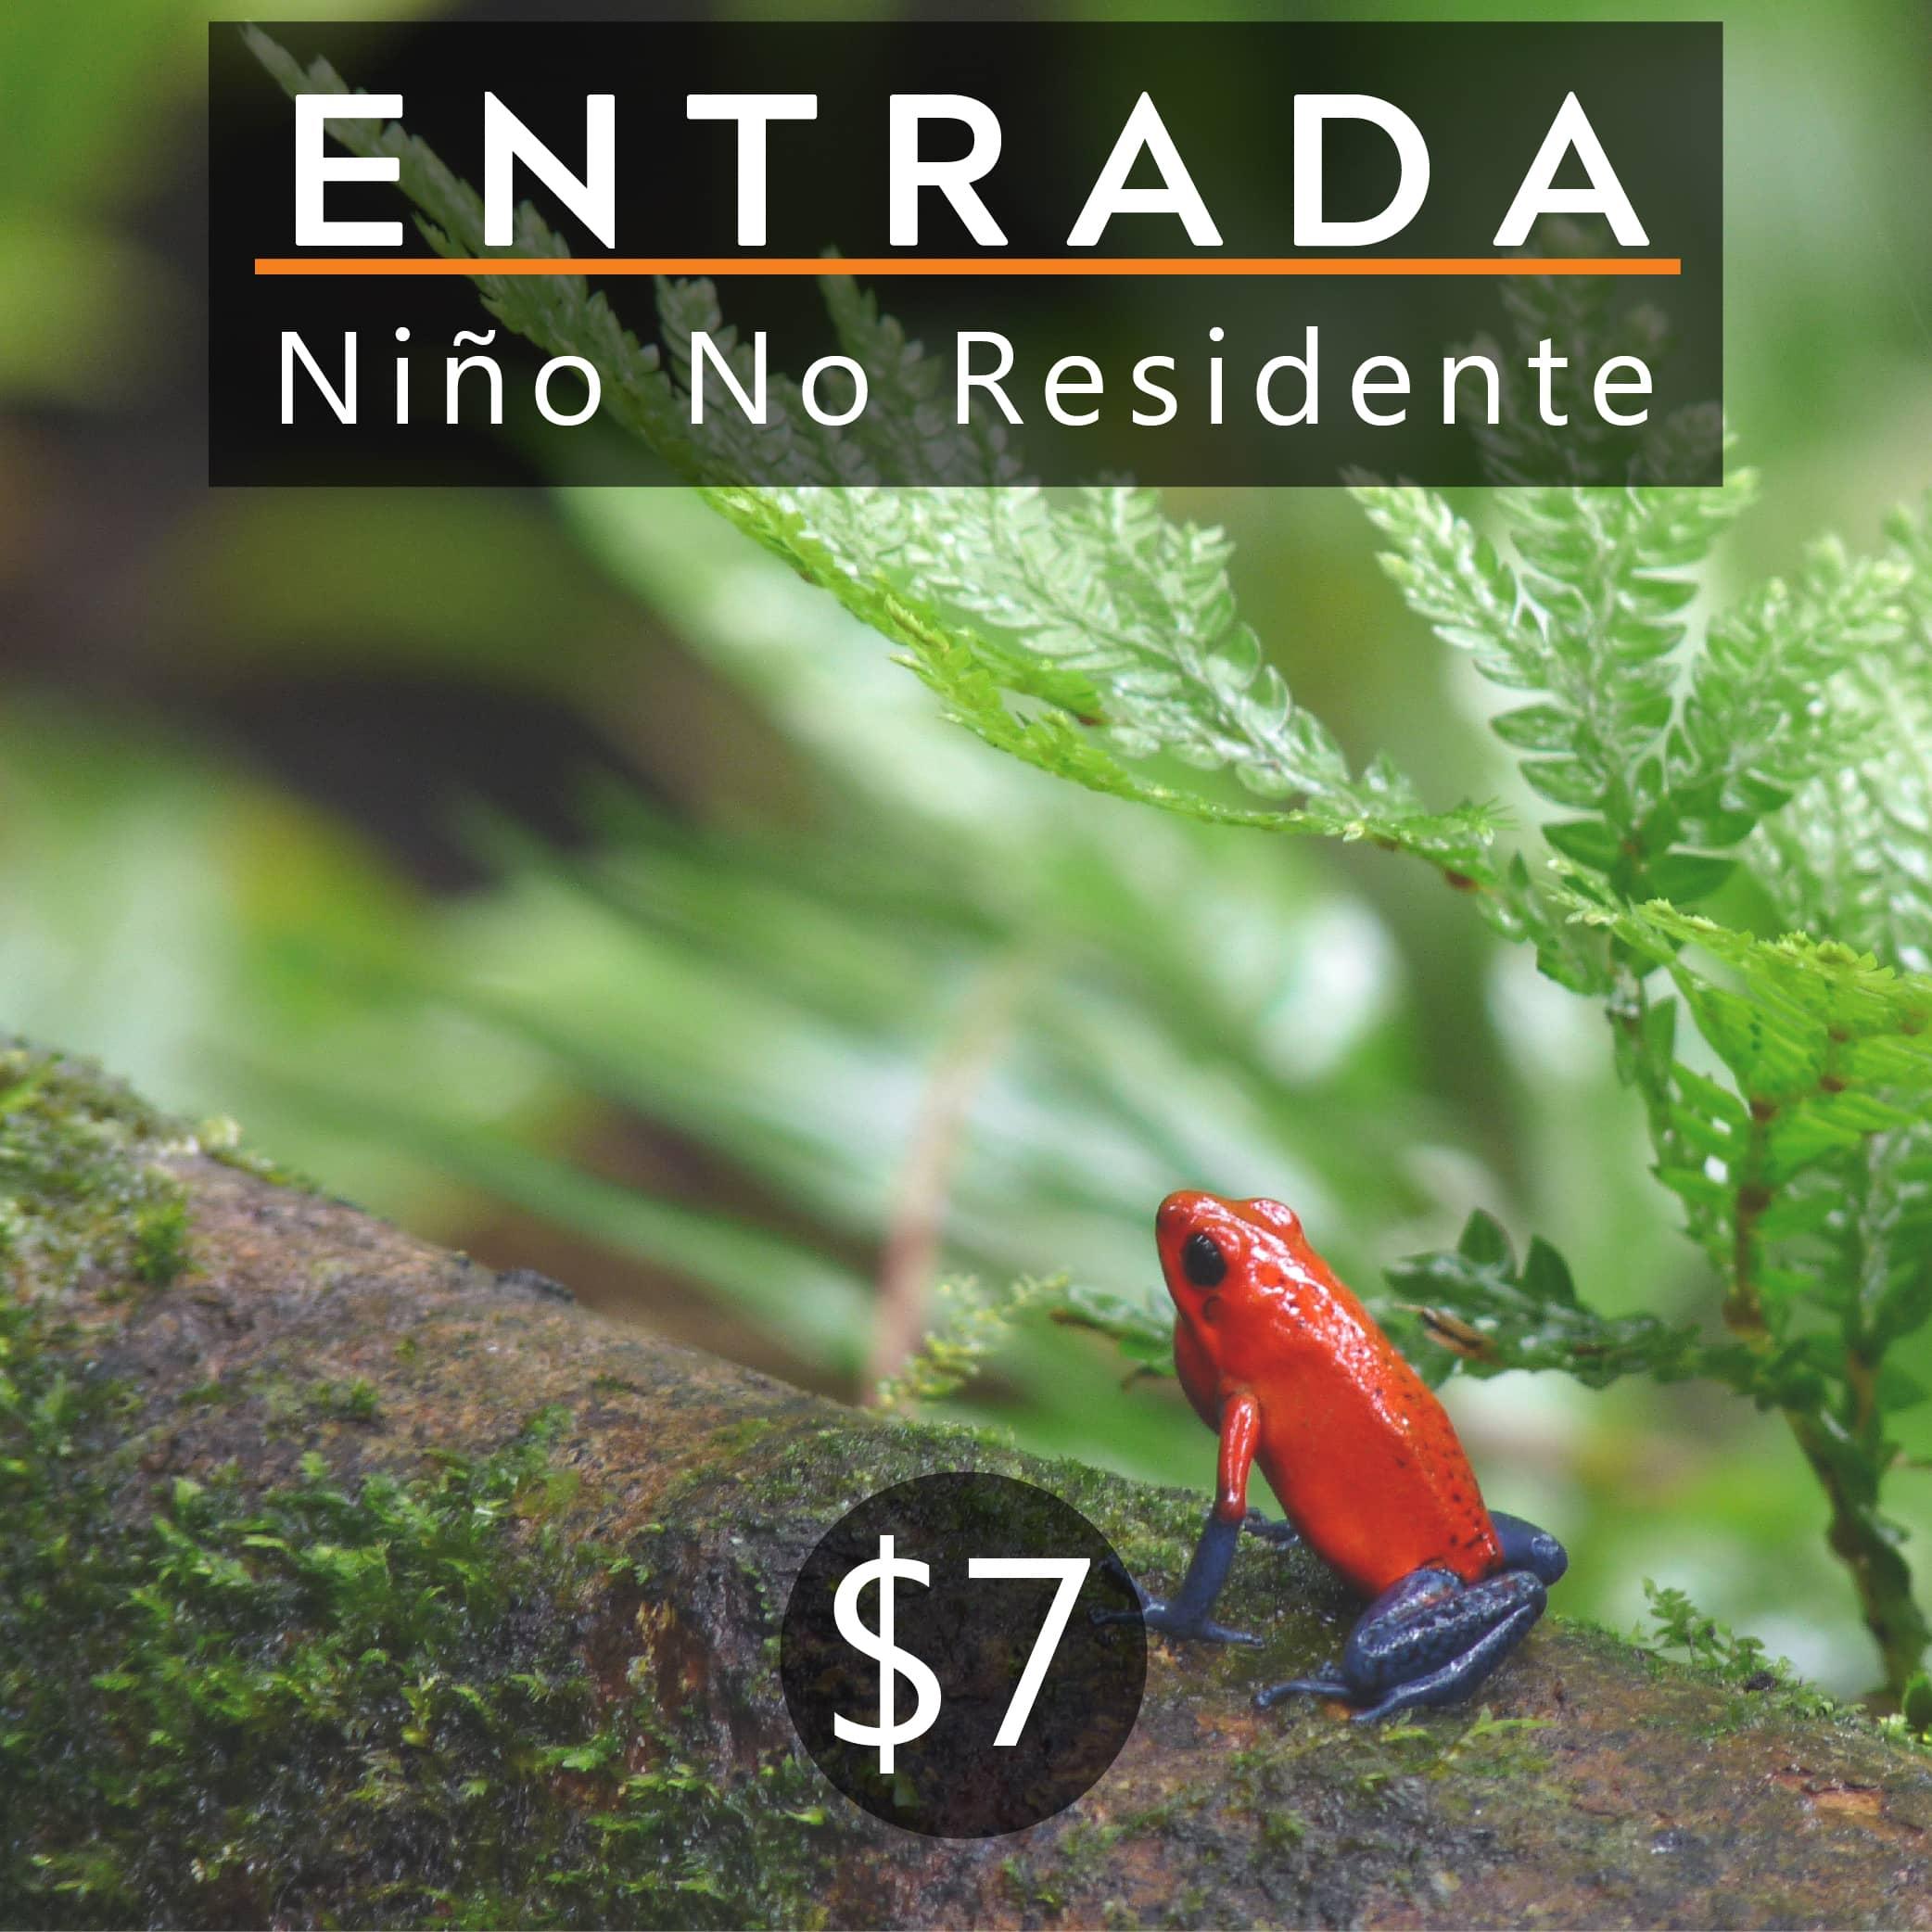 ENTRADA NIÑO NO RESIDENTE